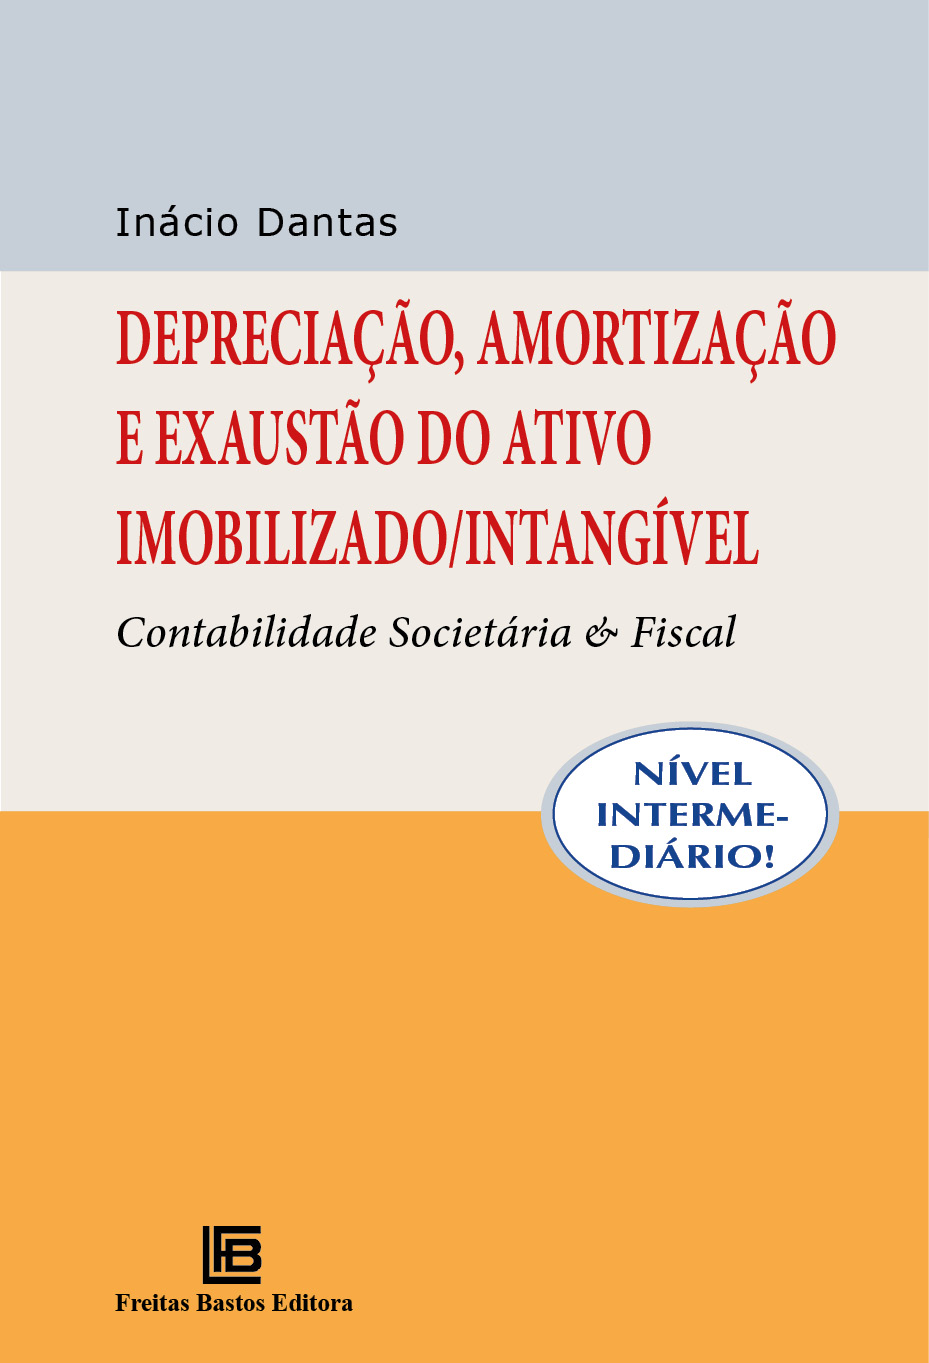 Depreciação, Amortização e Exaustão do Ativo Imobilizado/Intangível